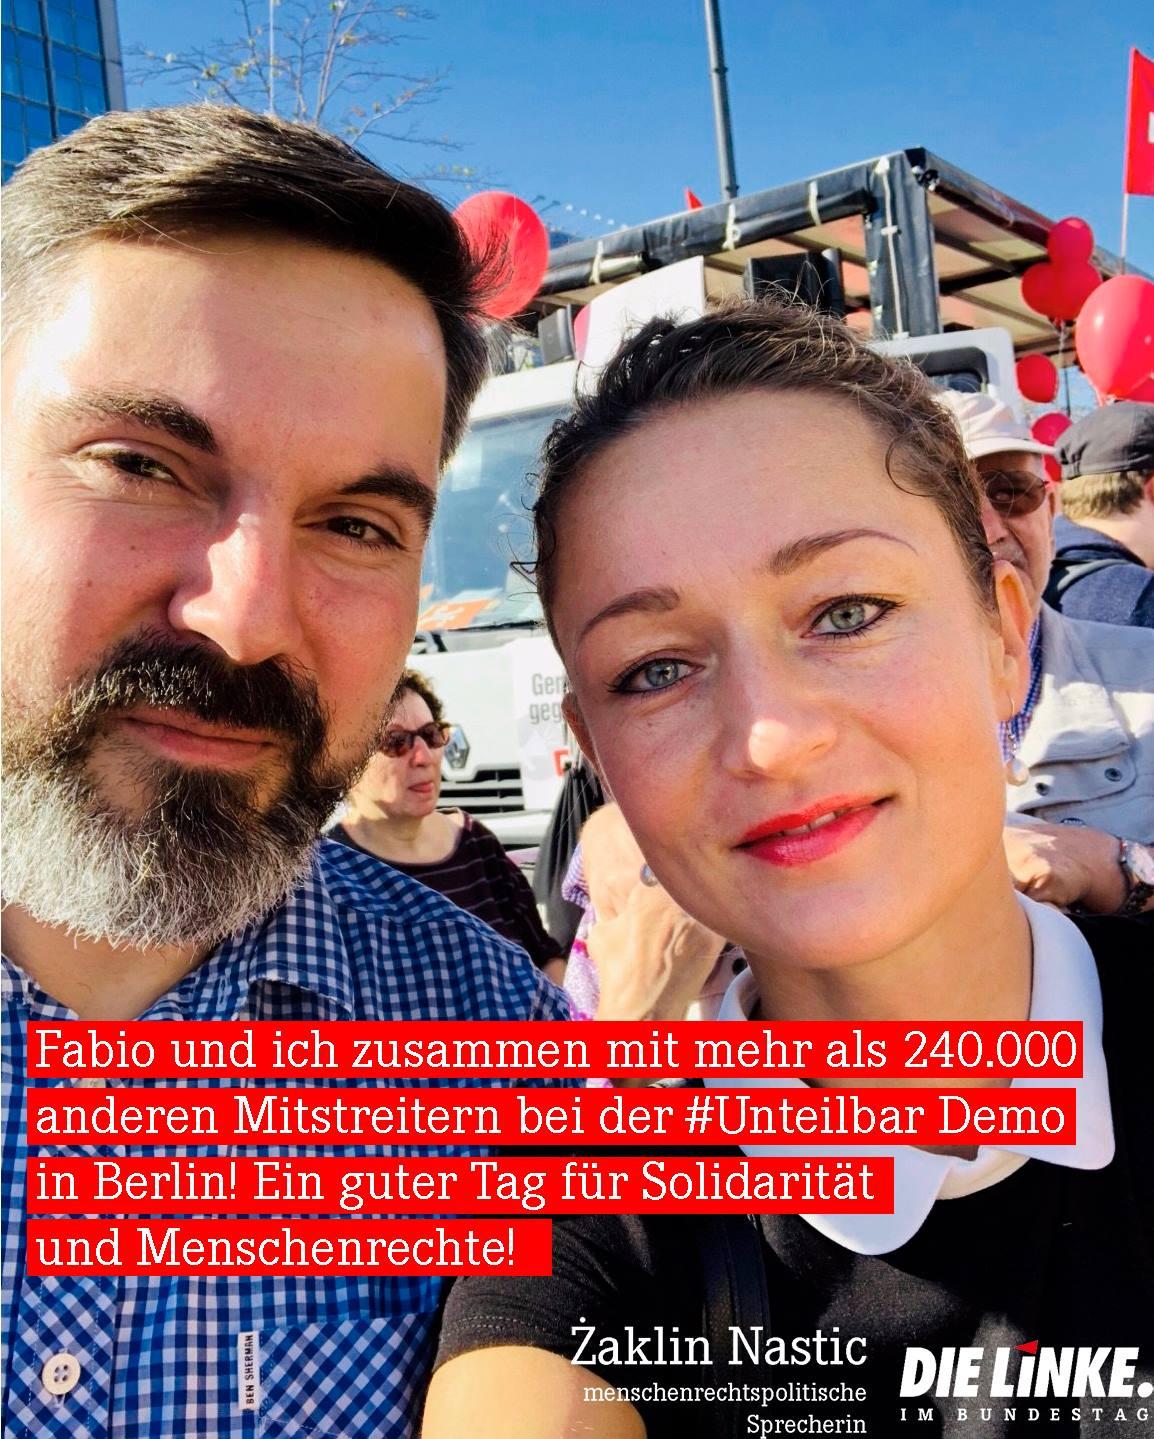 Zaklin Nastic und Fabio de Masi auf der #Unteilbar-Demo